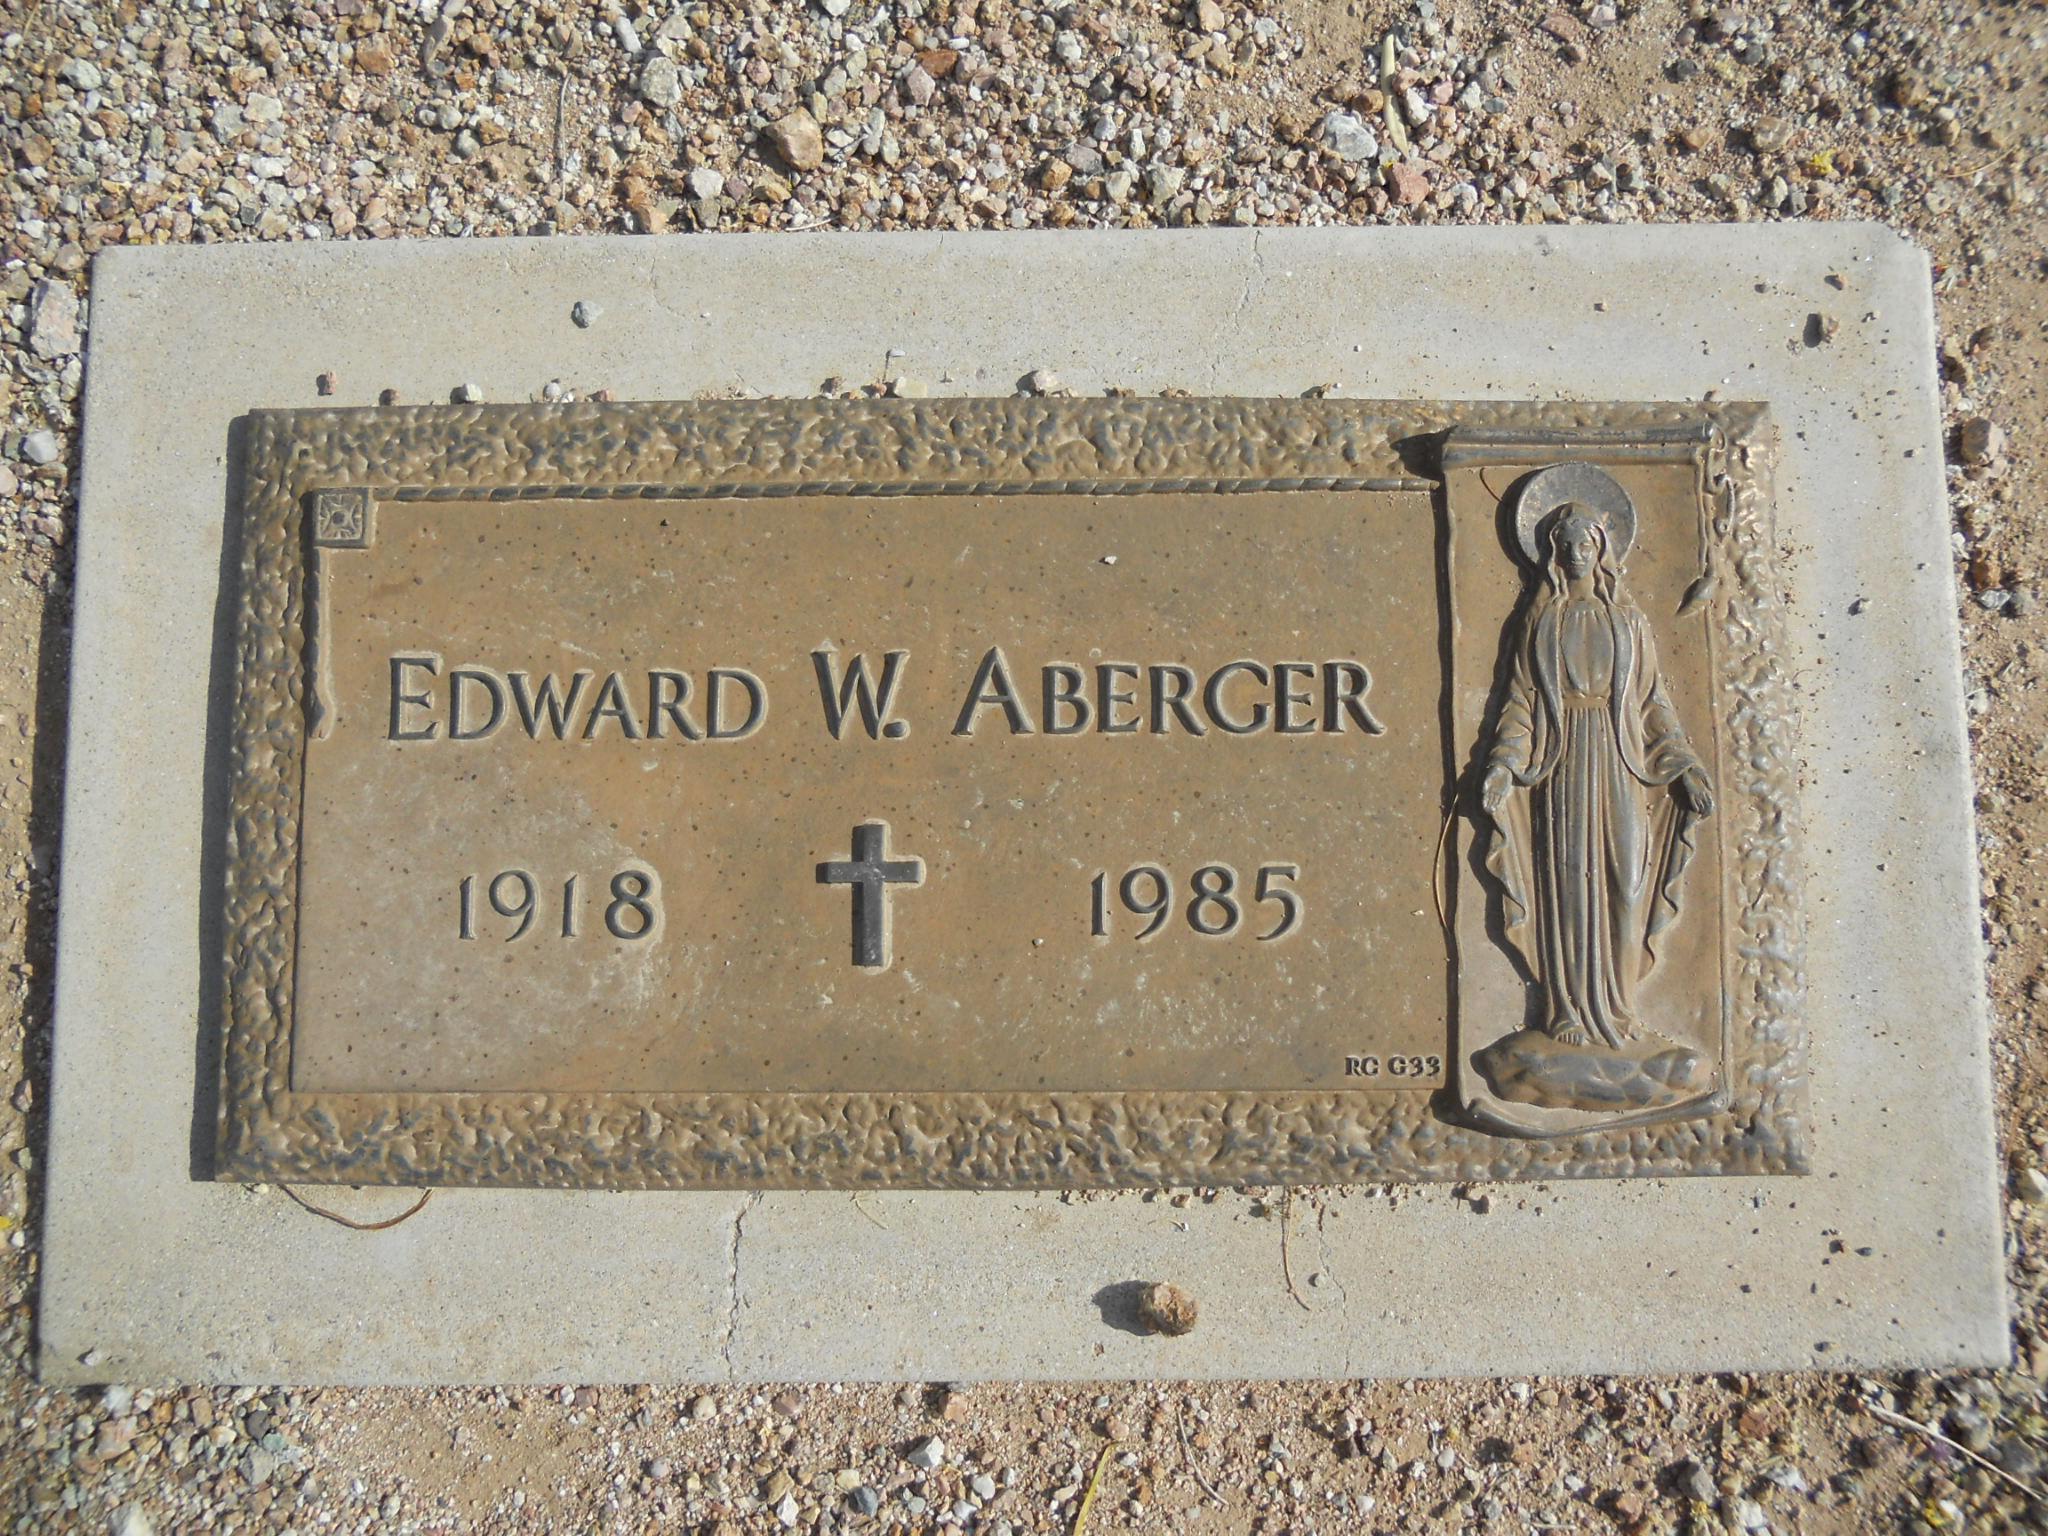 Edward W. Aberger